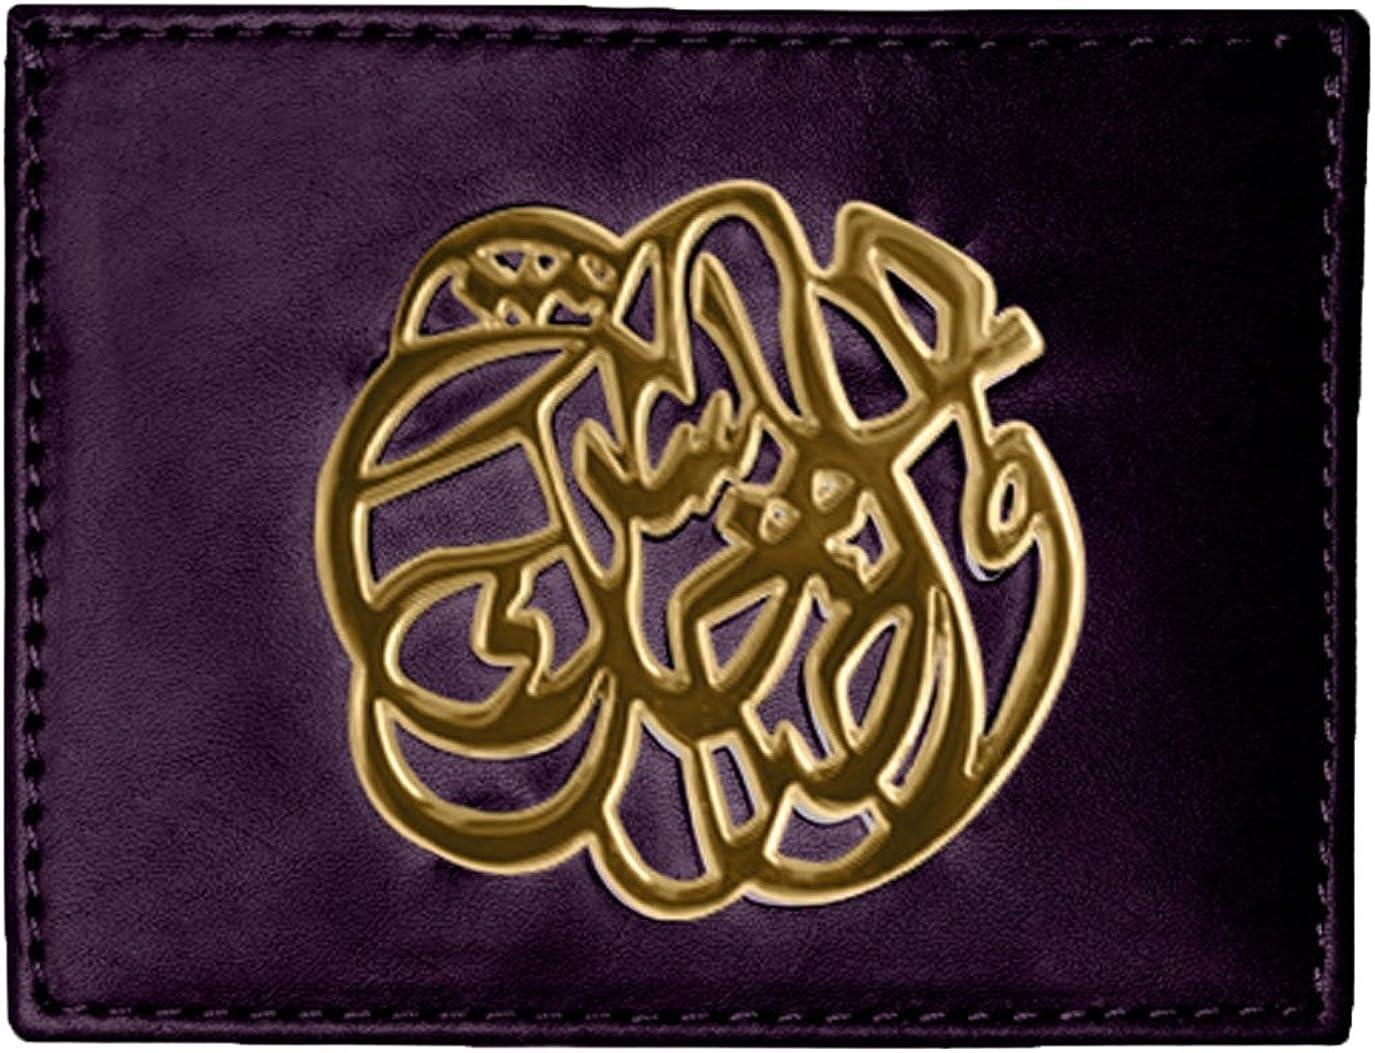 Dareen Hakim Le Max 61% OFF free Mini Purple Card Case